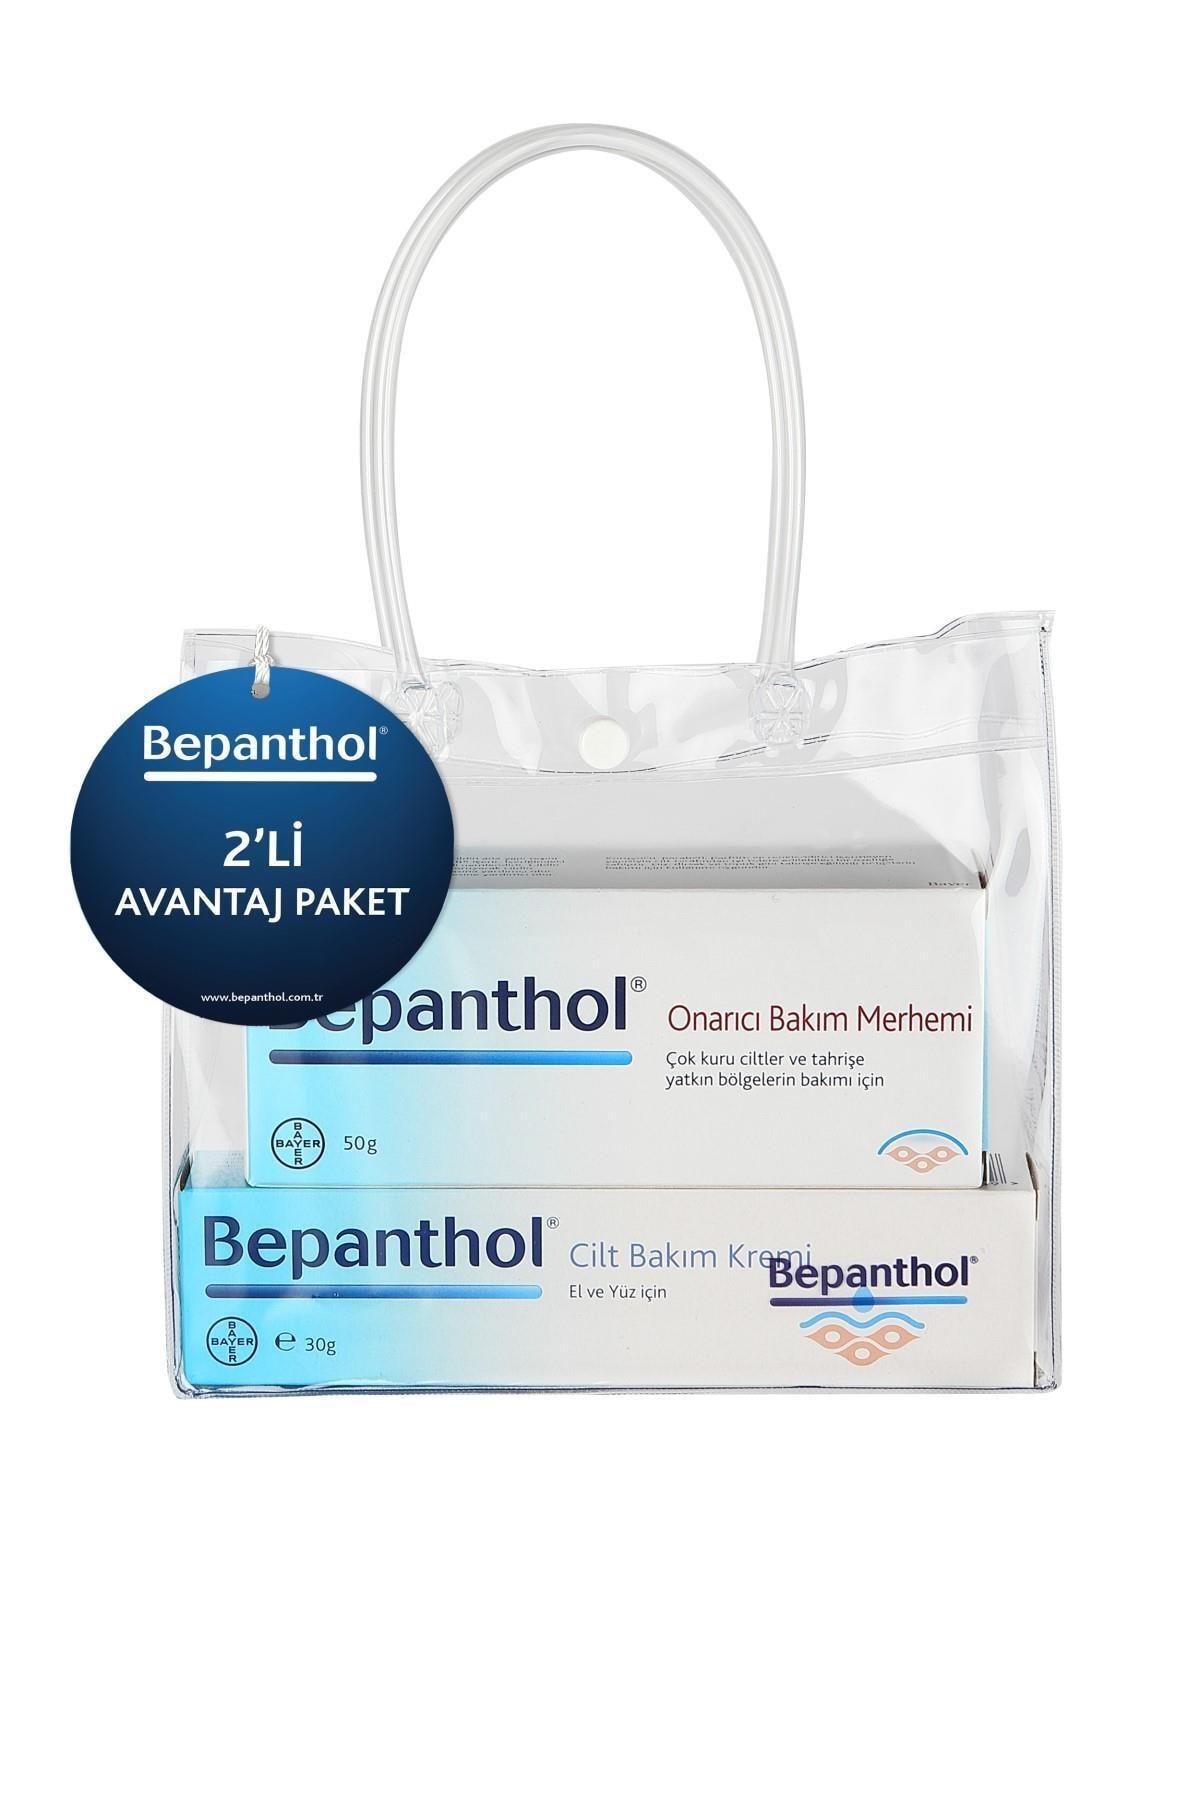 Bepanthol Onarıcı Bakım Kremi 50 g + Cilt Bakım Kremi 30 g 8699546358687